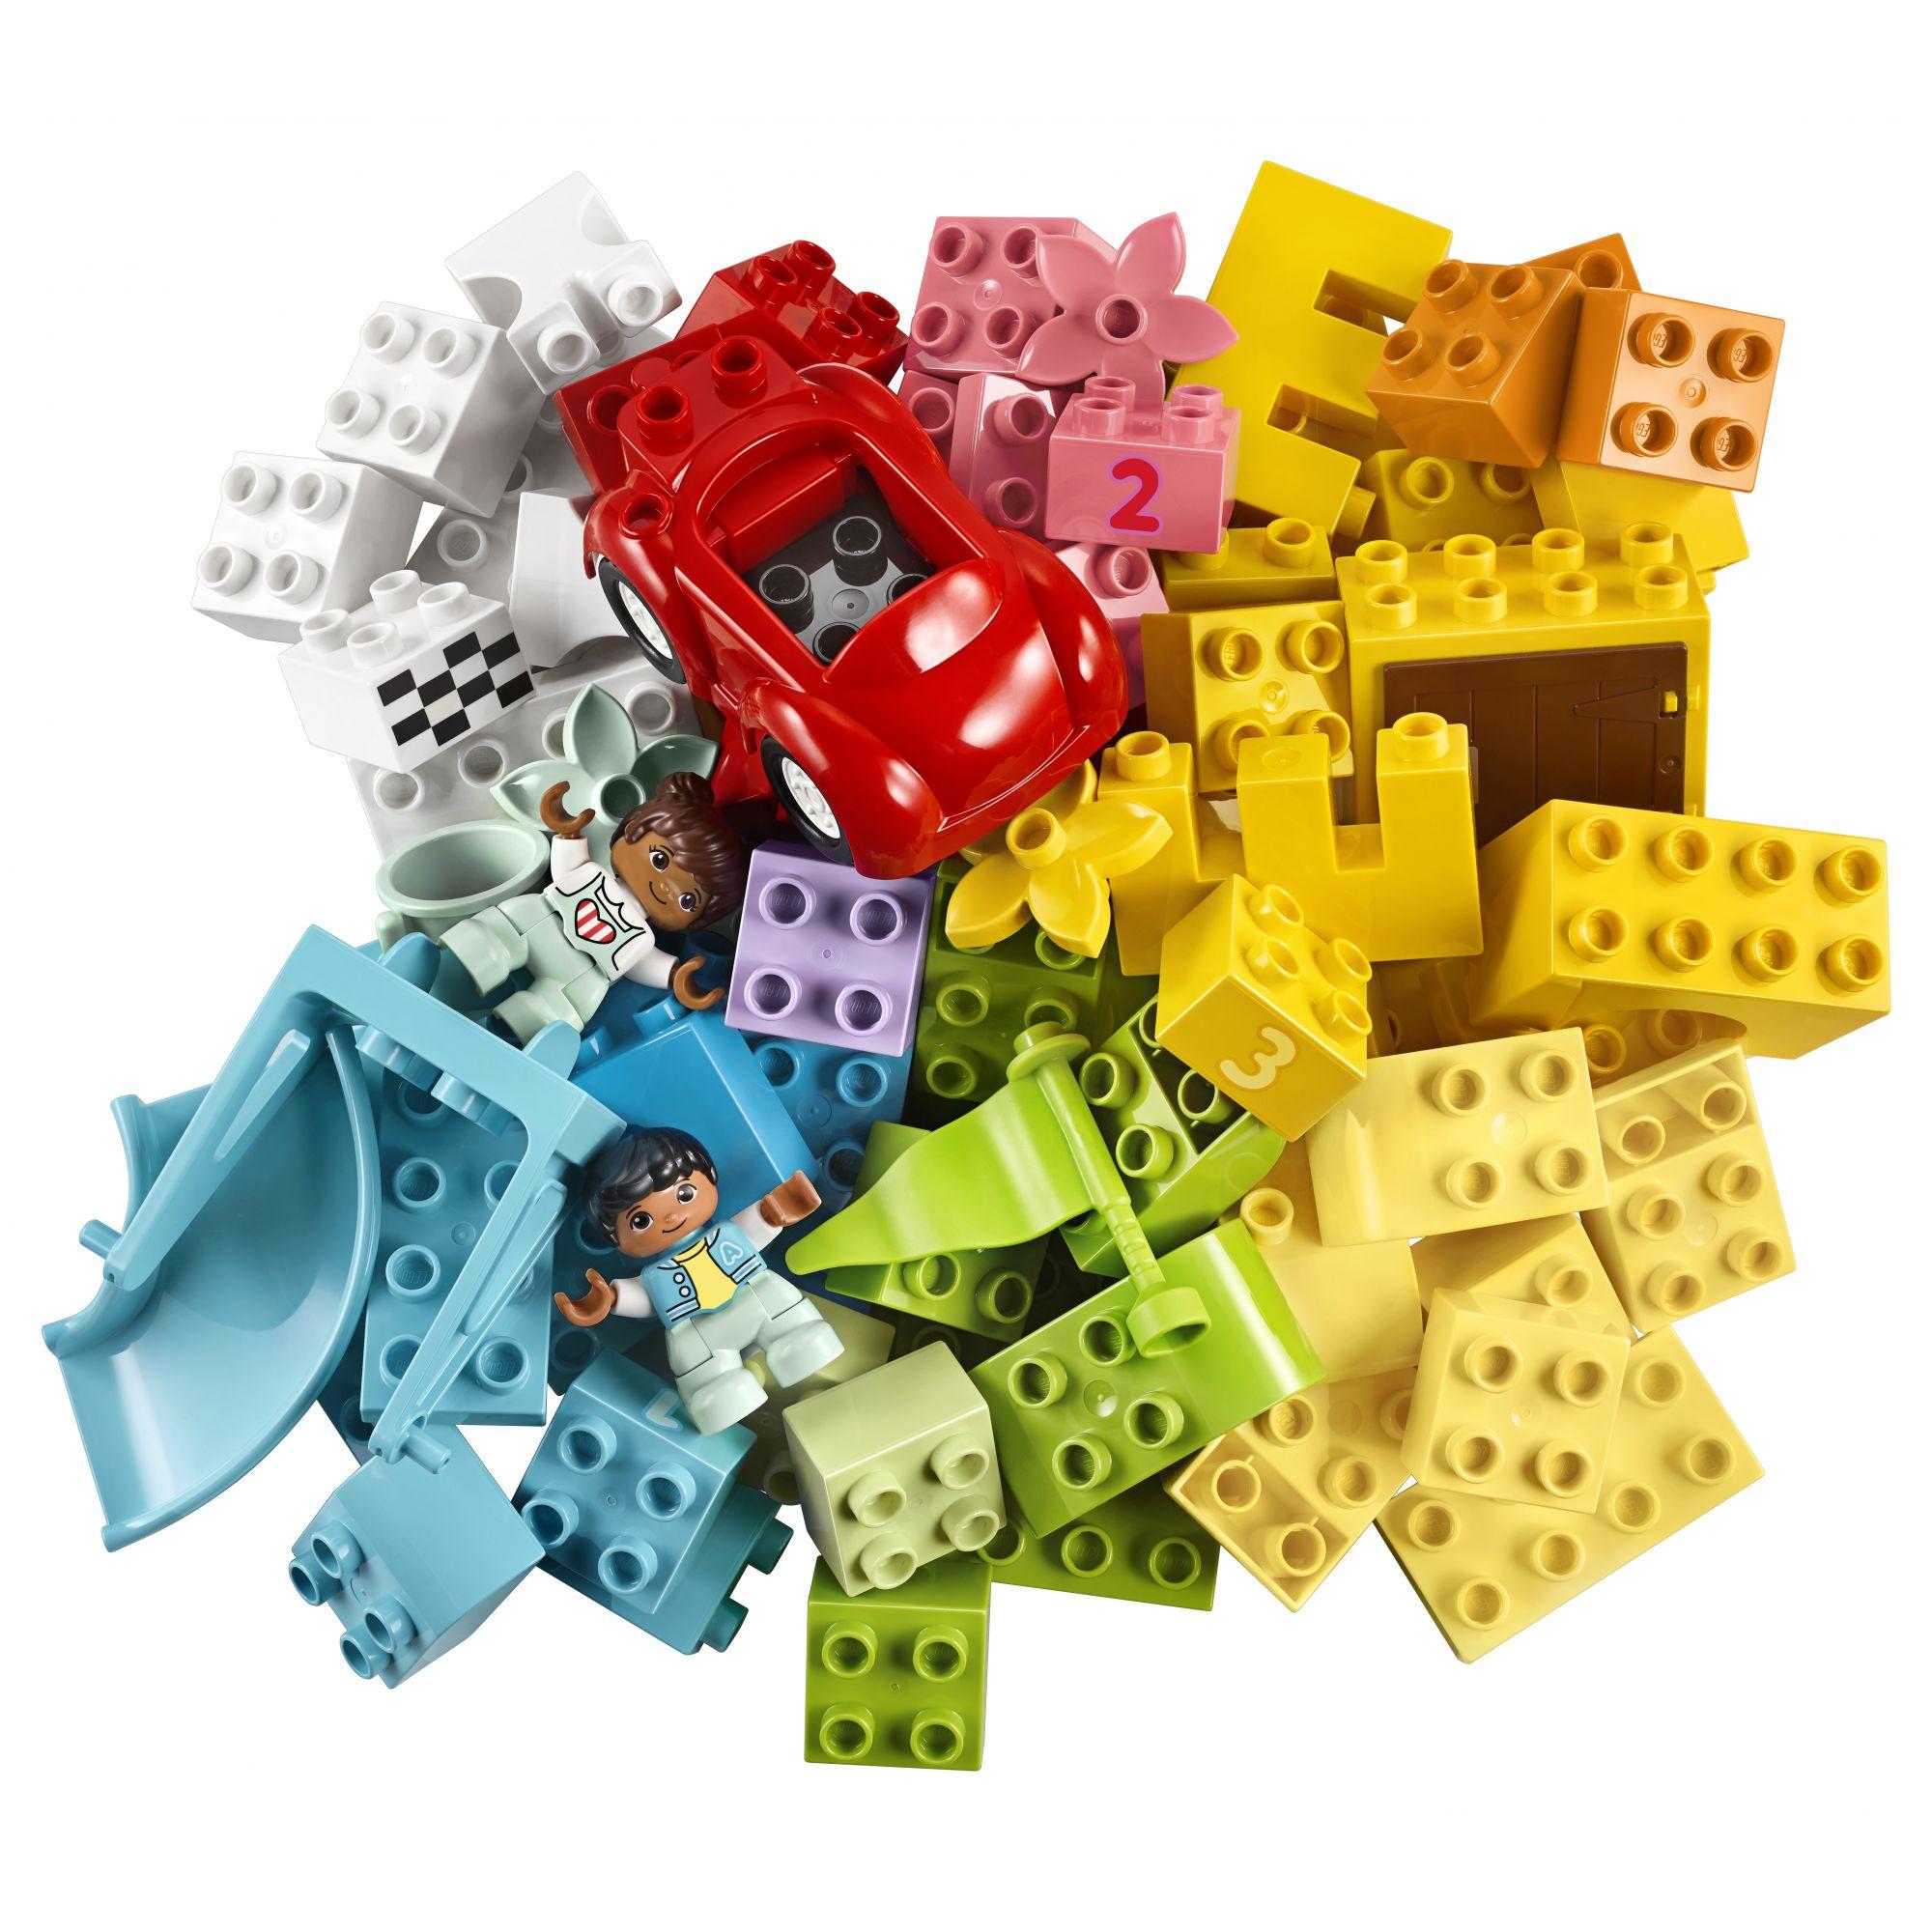 LEGO DUPLO Contenitore di mattoncini grande - 10914    LEGO DUPLO